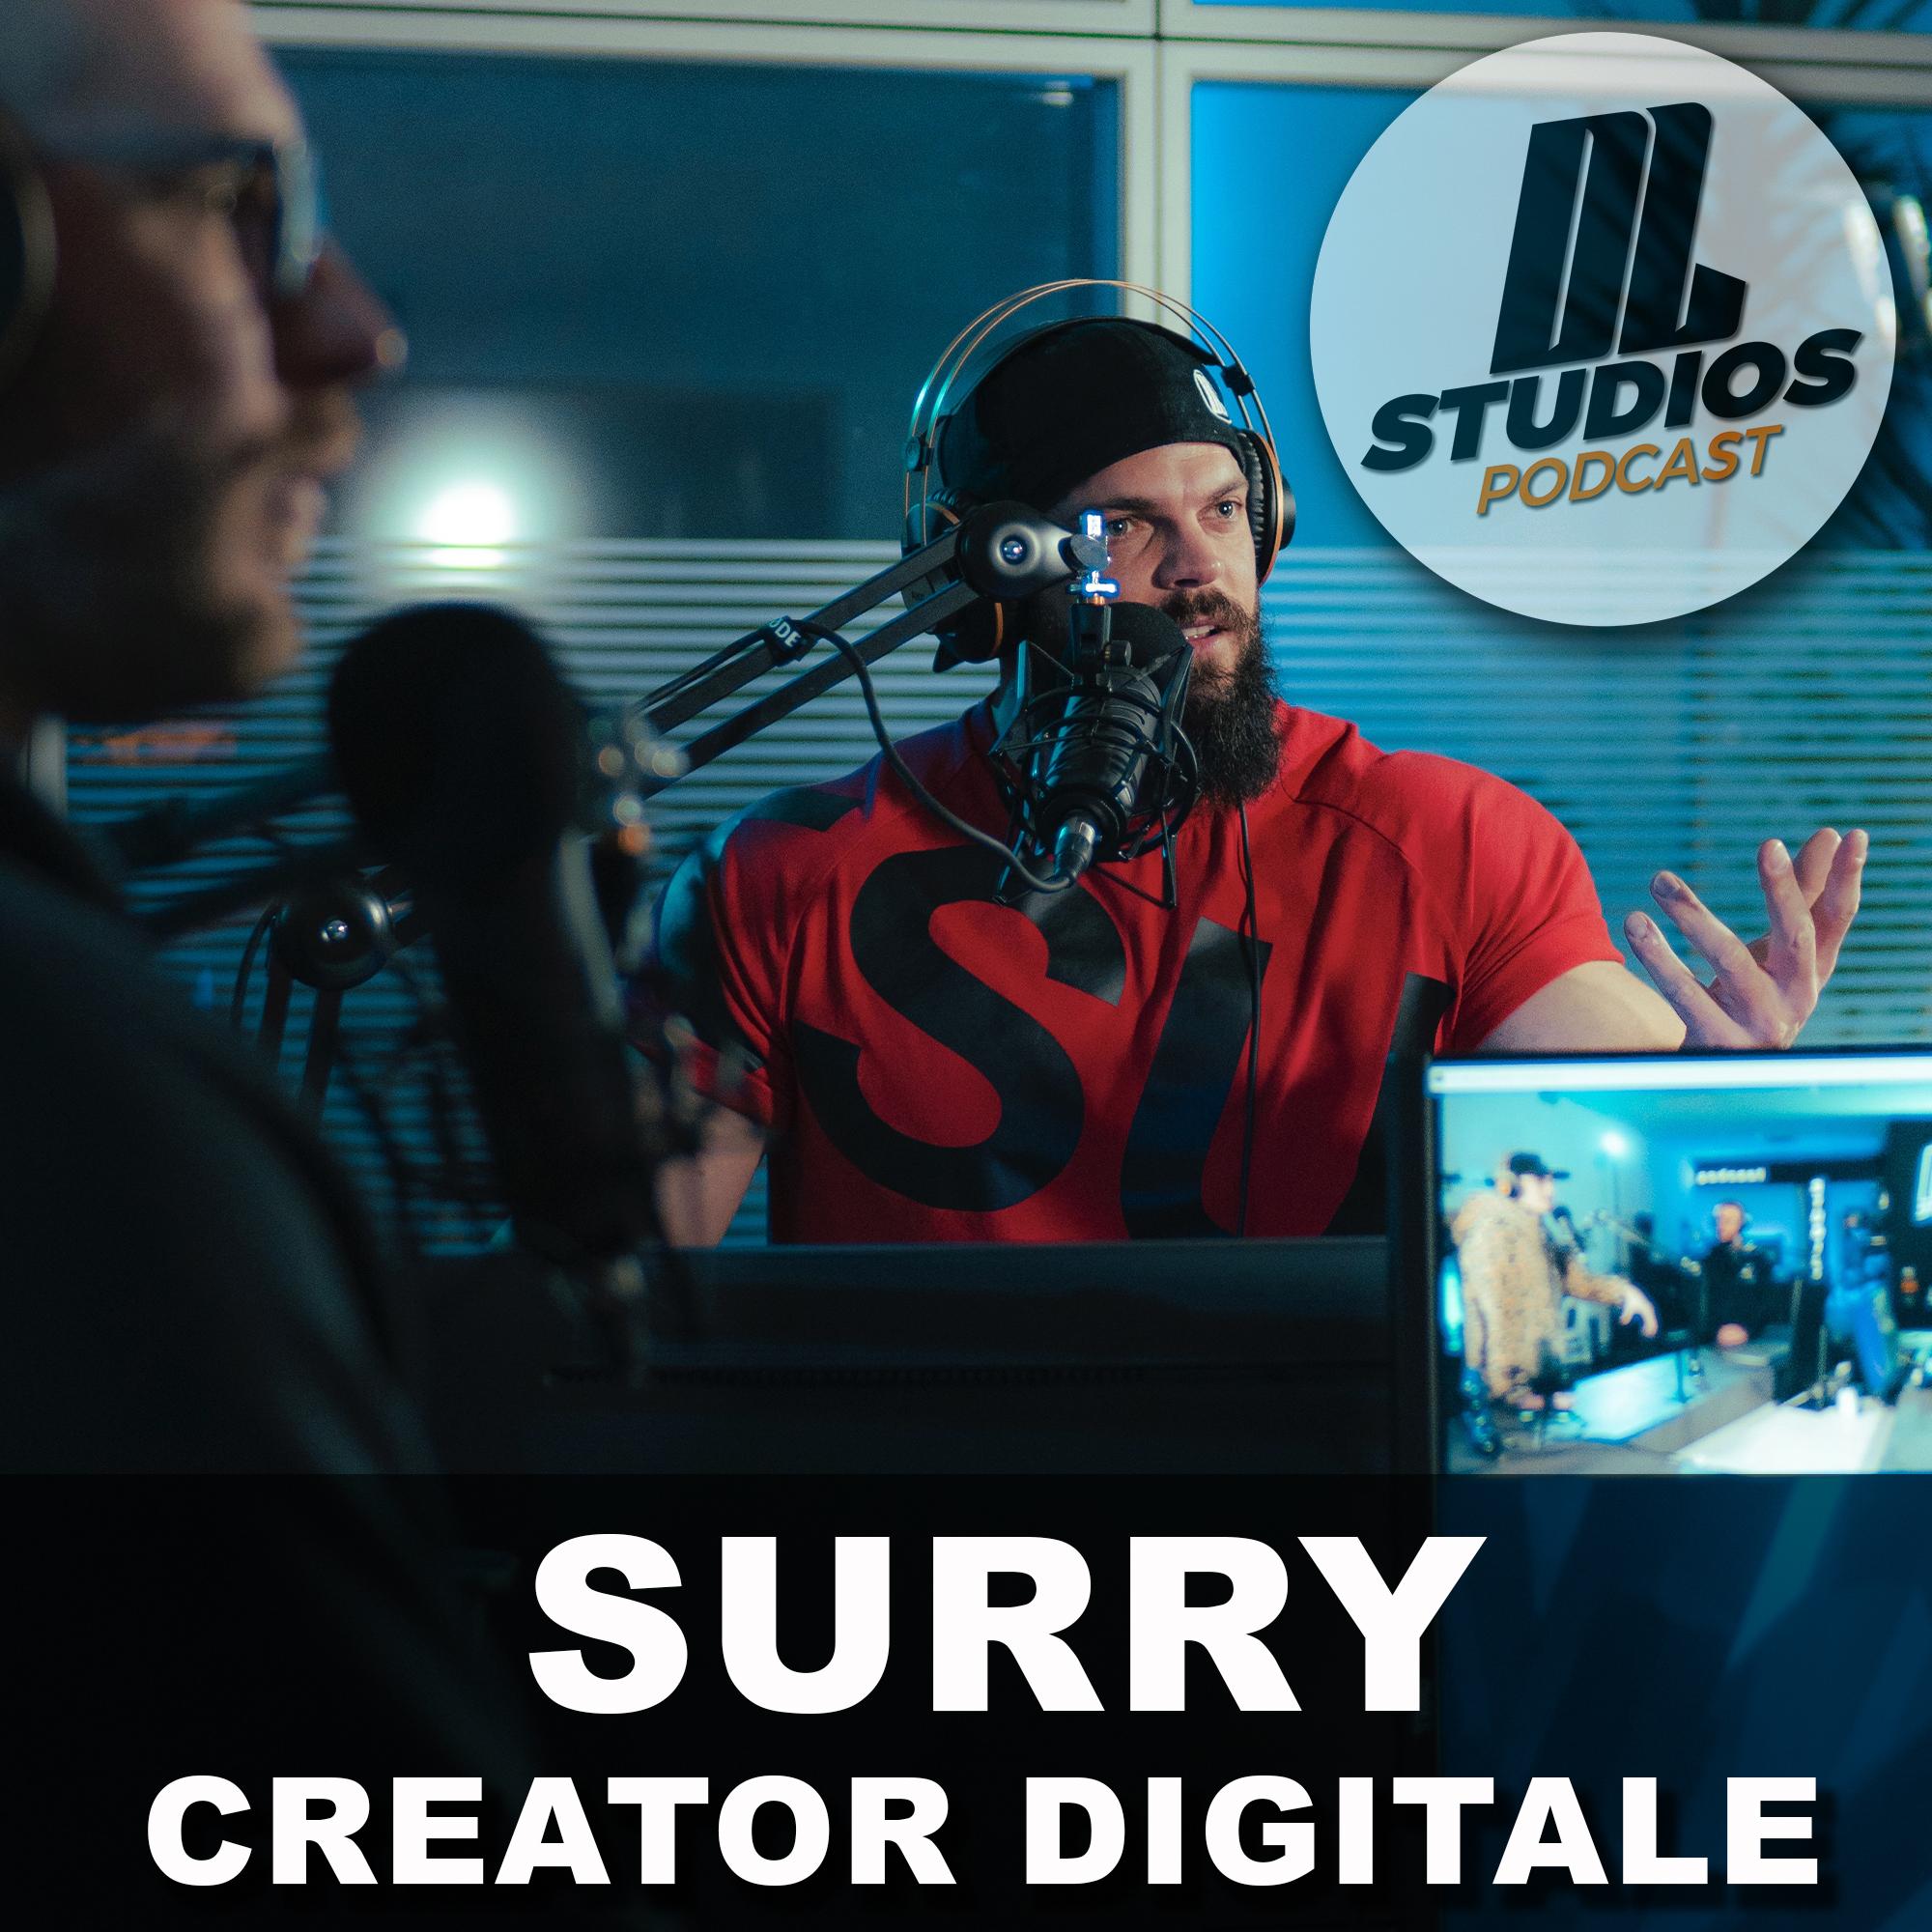 Surry la vita di un creator digitale